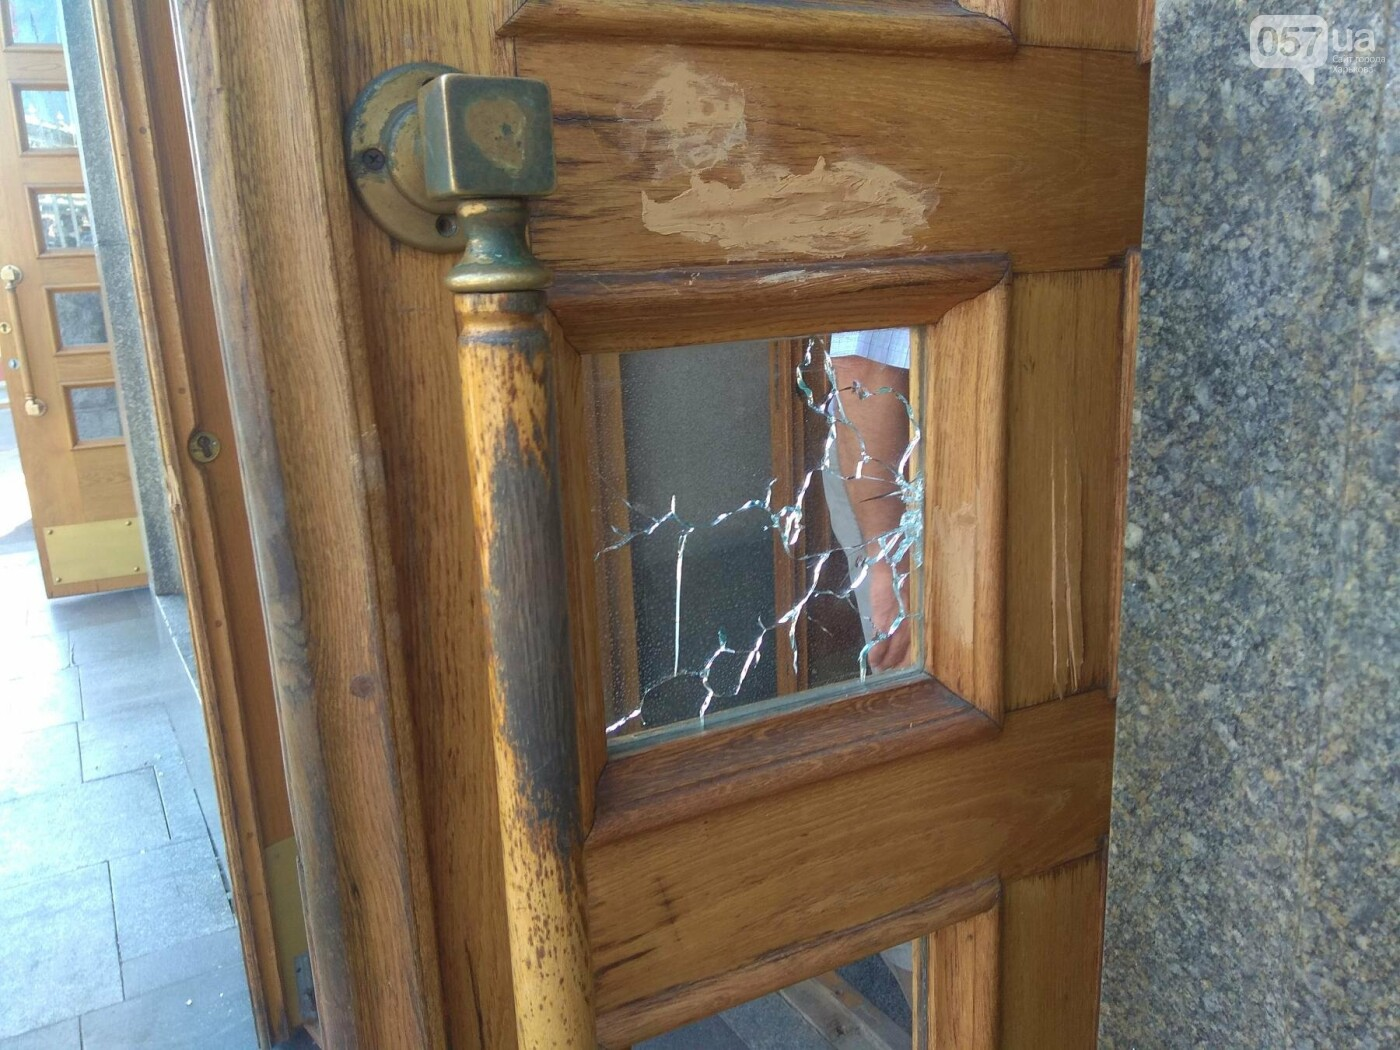 Горсовет выделит материальную помощь семье погибшего харьковского патрульного, - ФОТО, фото-5